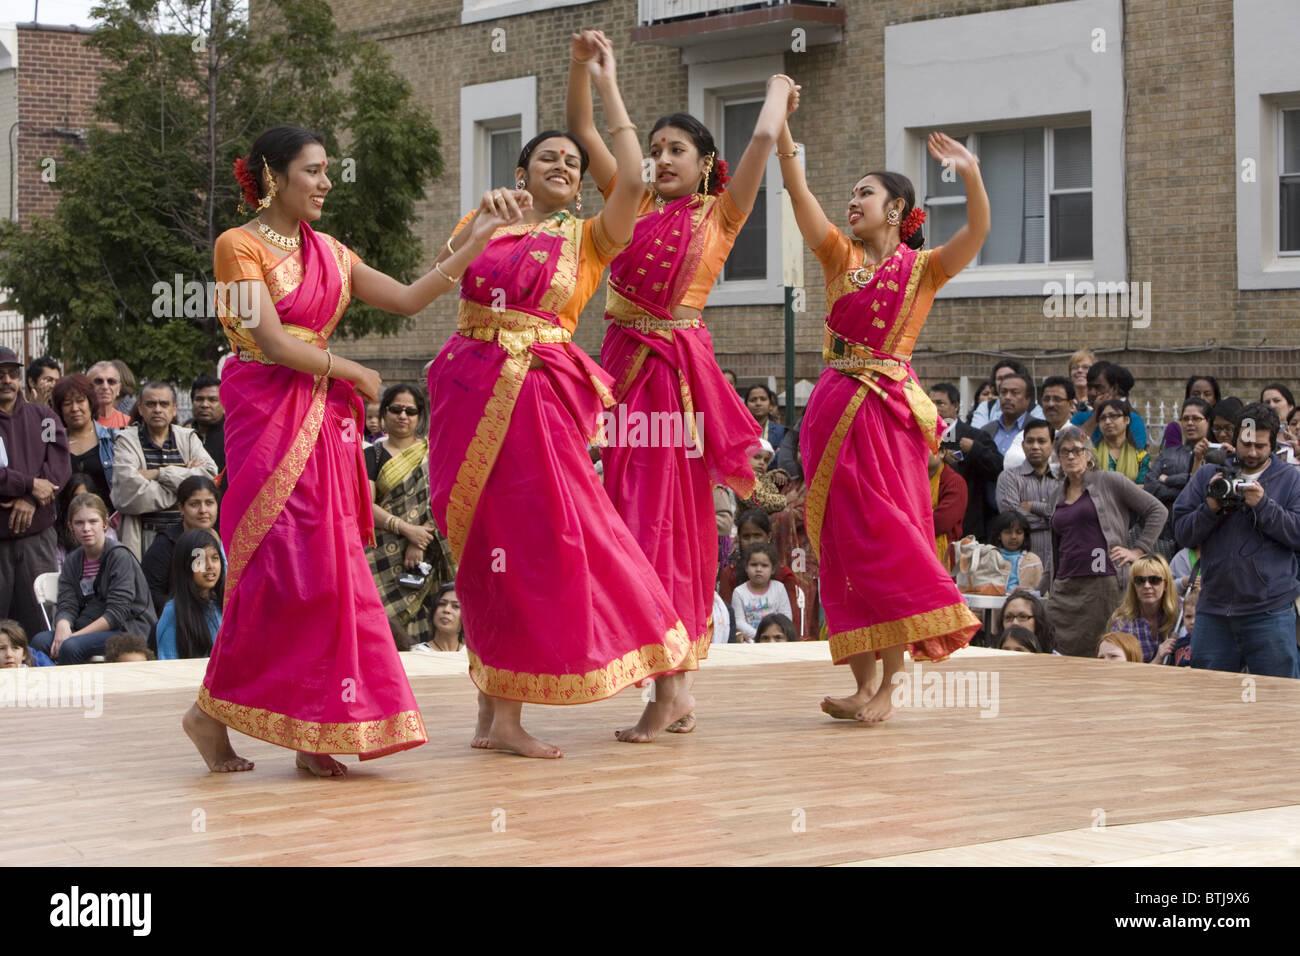 Grupo de rendimiento americana de Bangladesh realice en un festival de las culturas del mundo en Brooklyn, Nueva Imagen De Stock